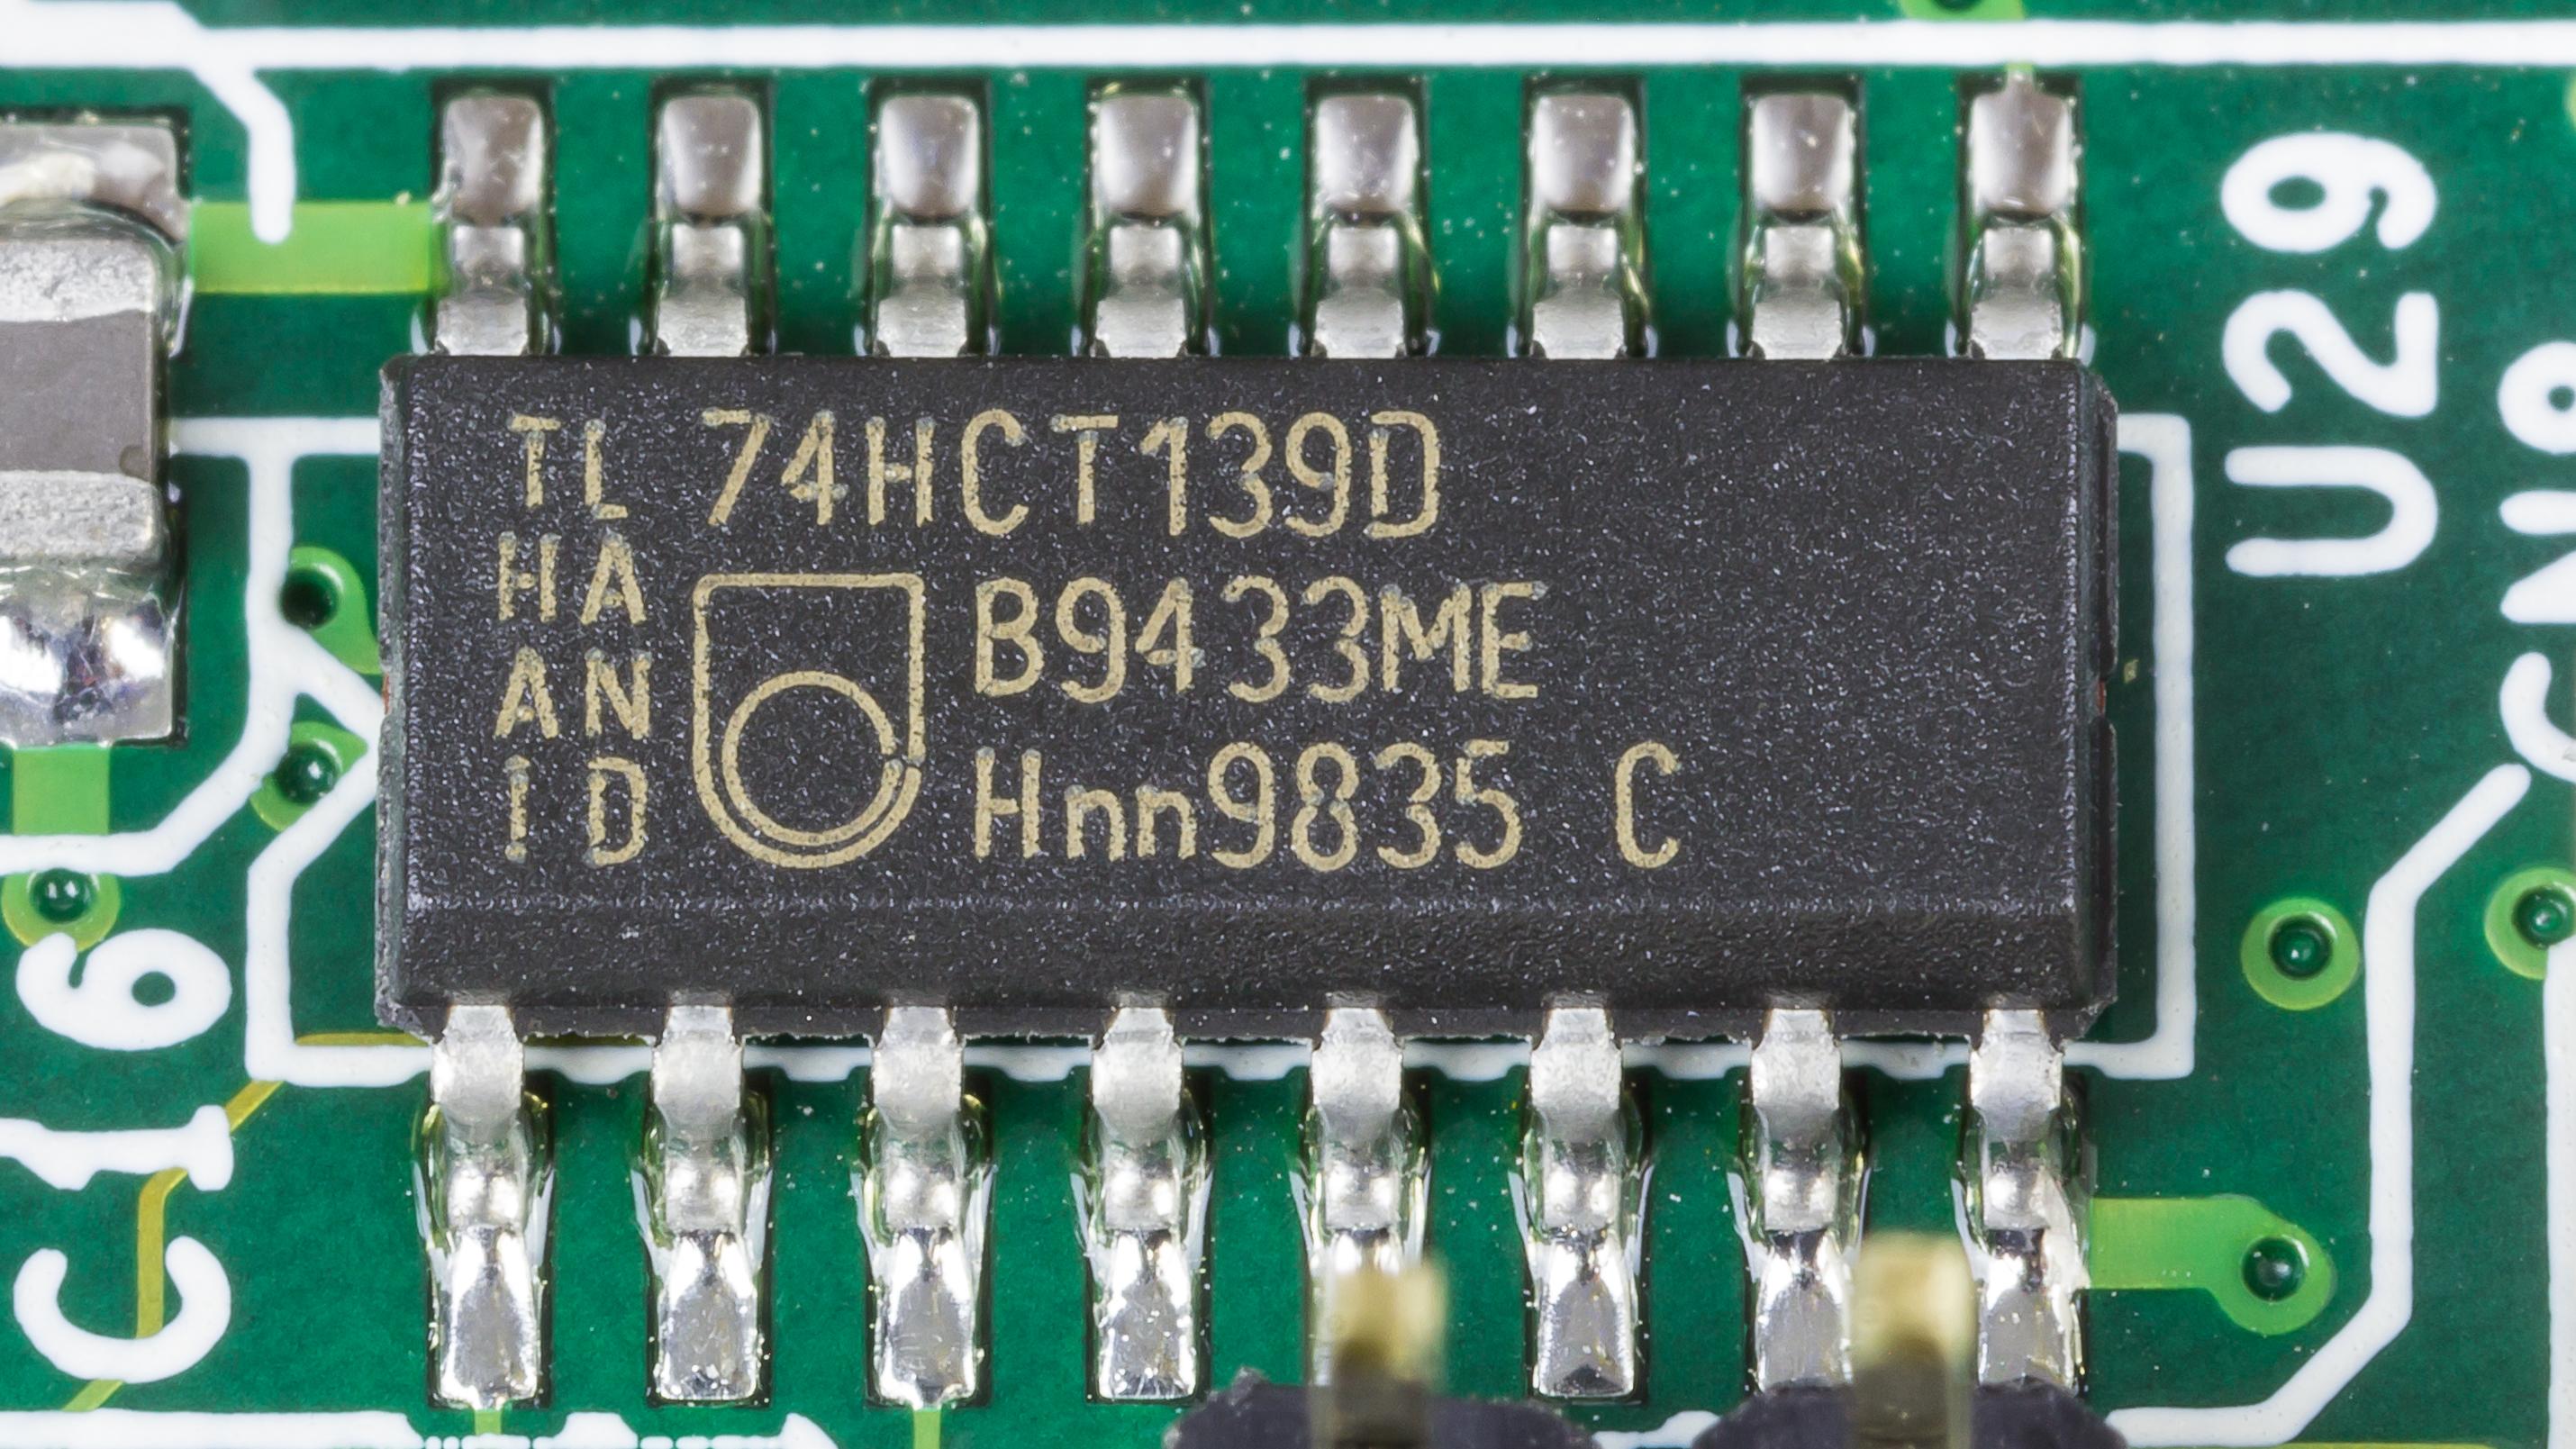 File:ROCKY-518HV - Philips 74HCT139D-2380.jpg